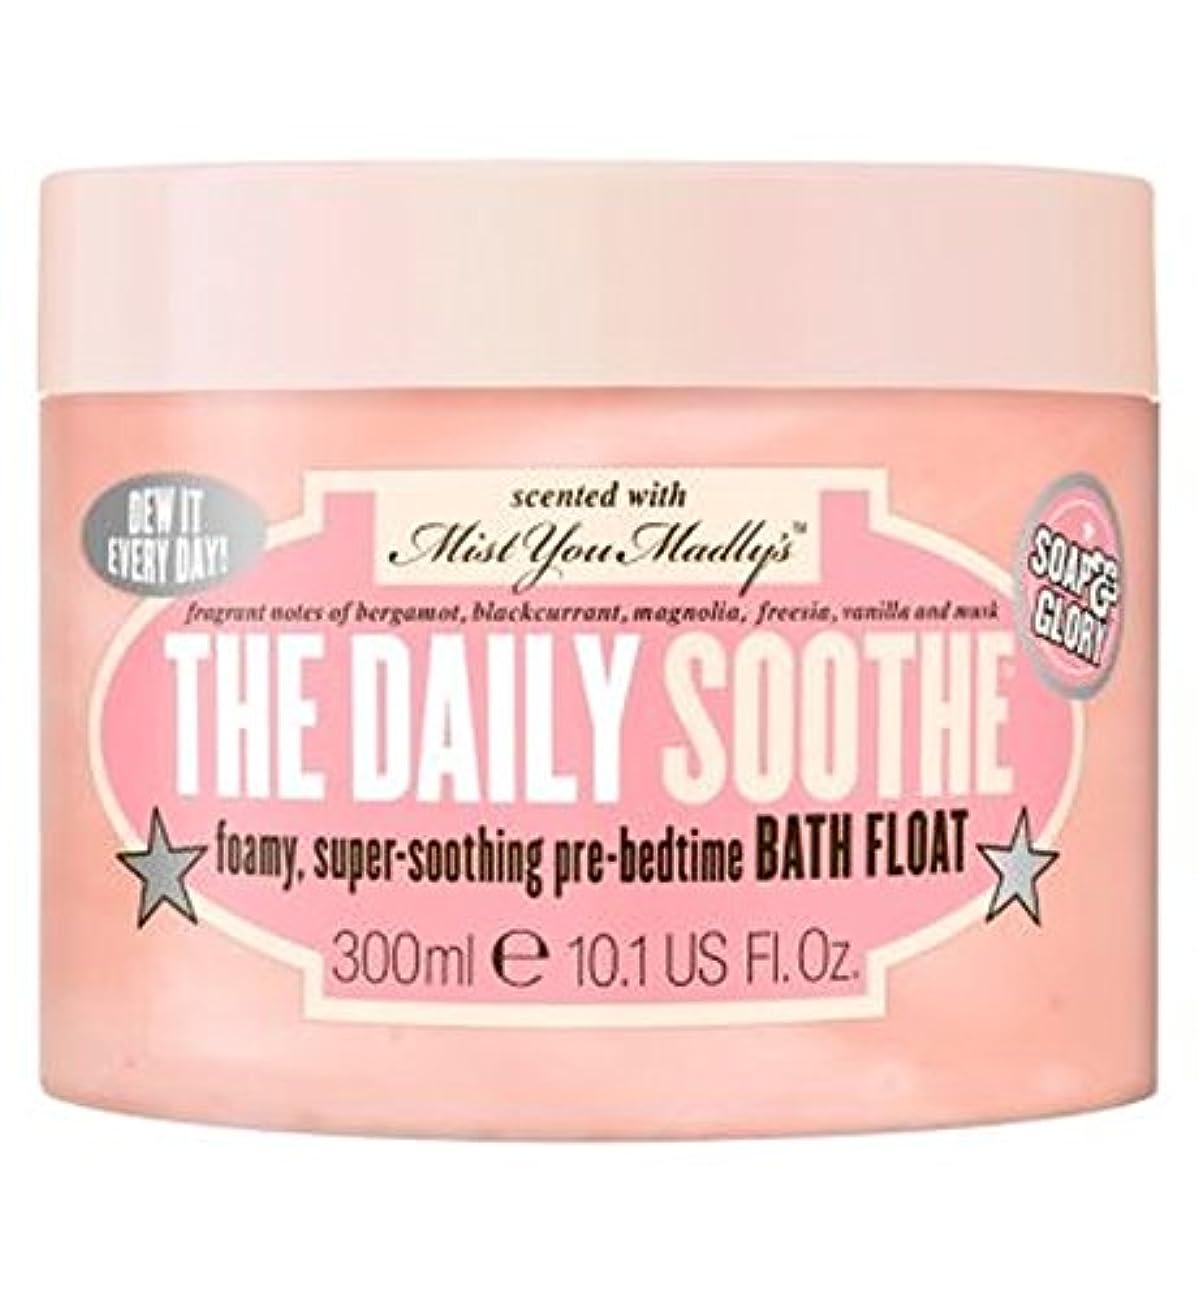 任命するズボンカメラSoap & Glory The Daily Soothe Bath Float - 石鹸&栄光毎日癒すバスフロート (Soap & Glory) [並行輸入品]